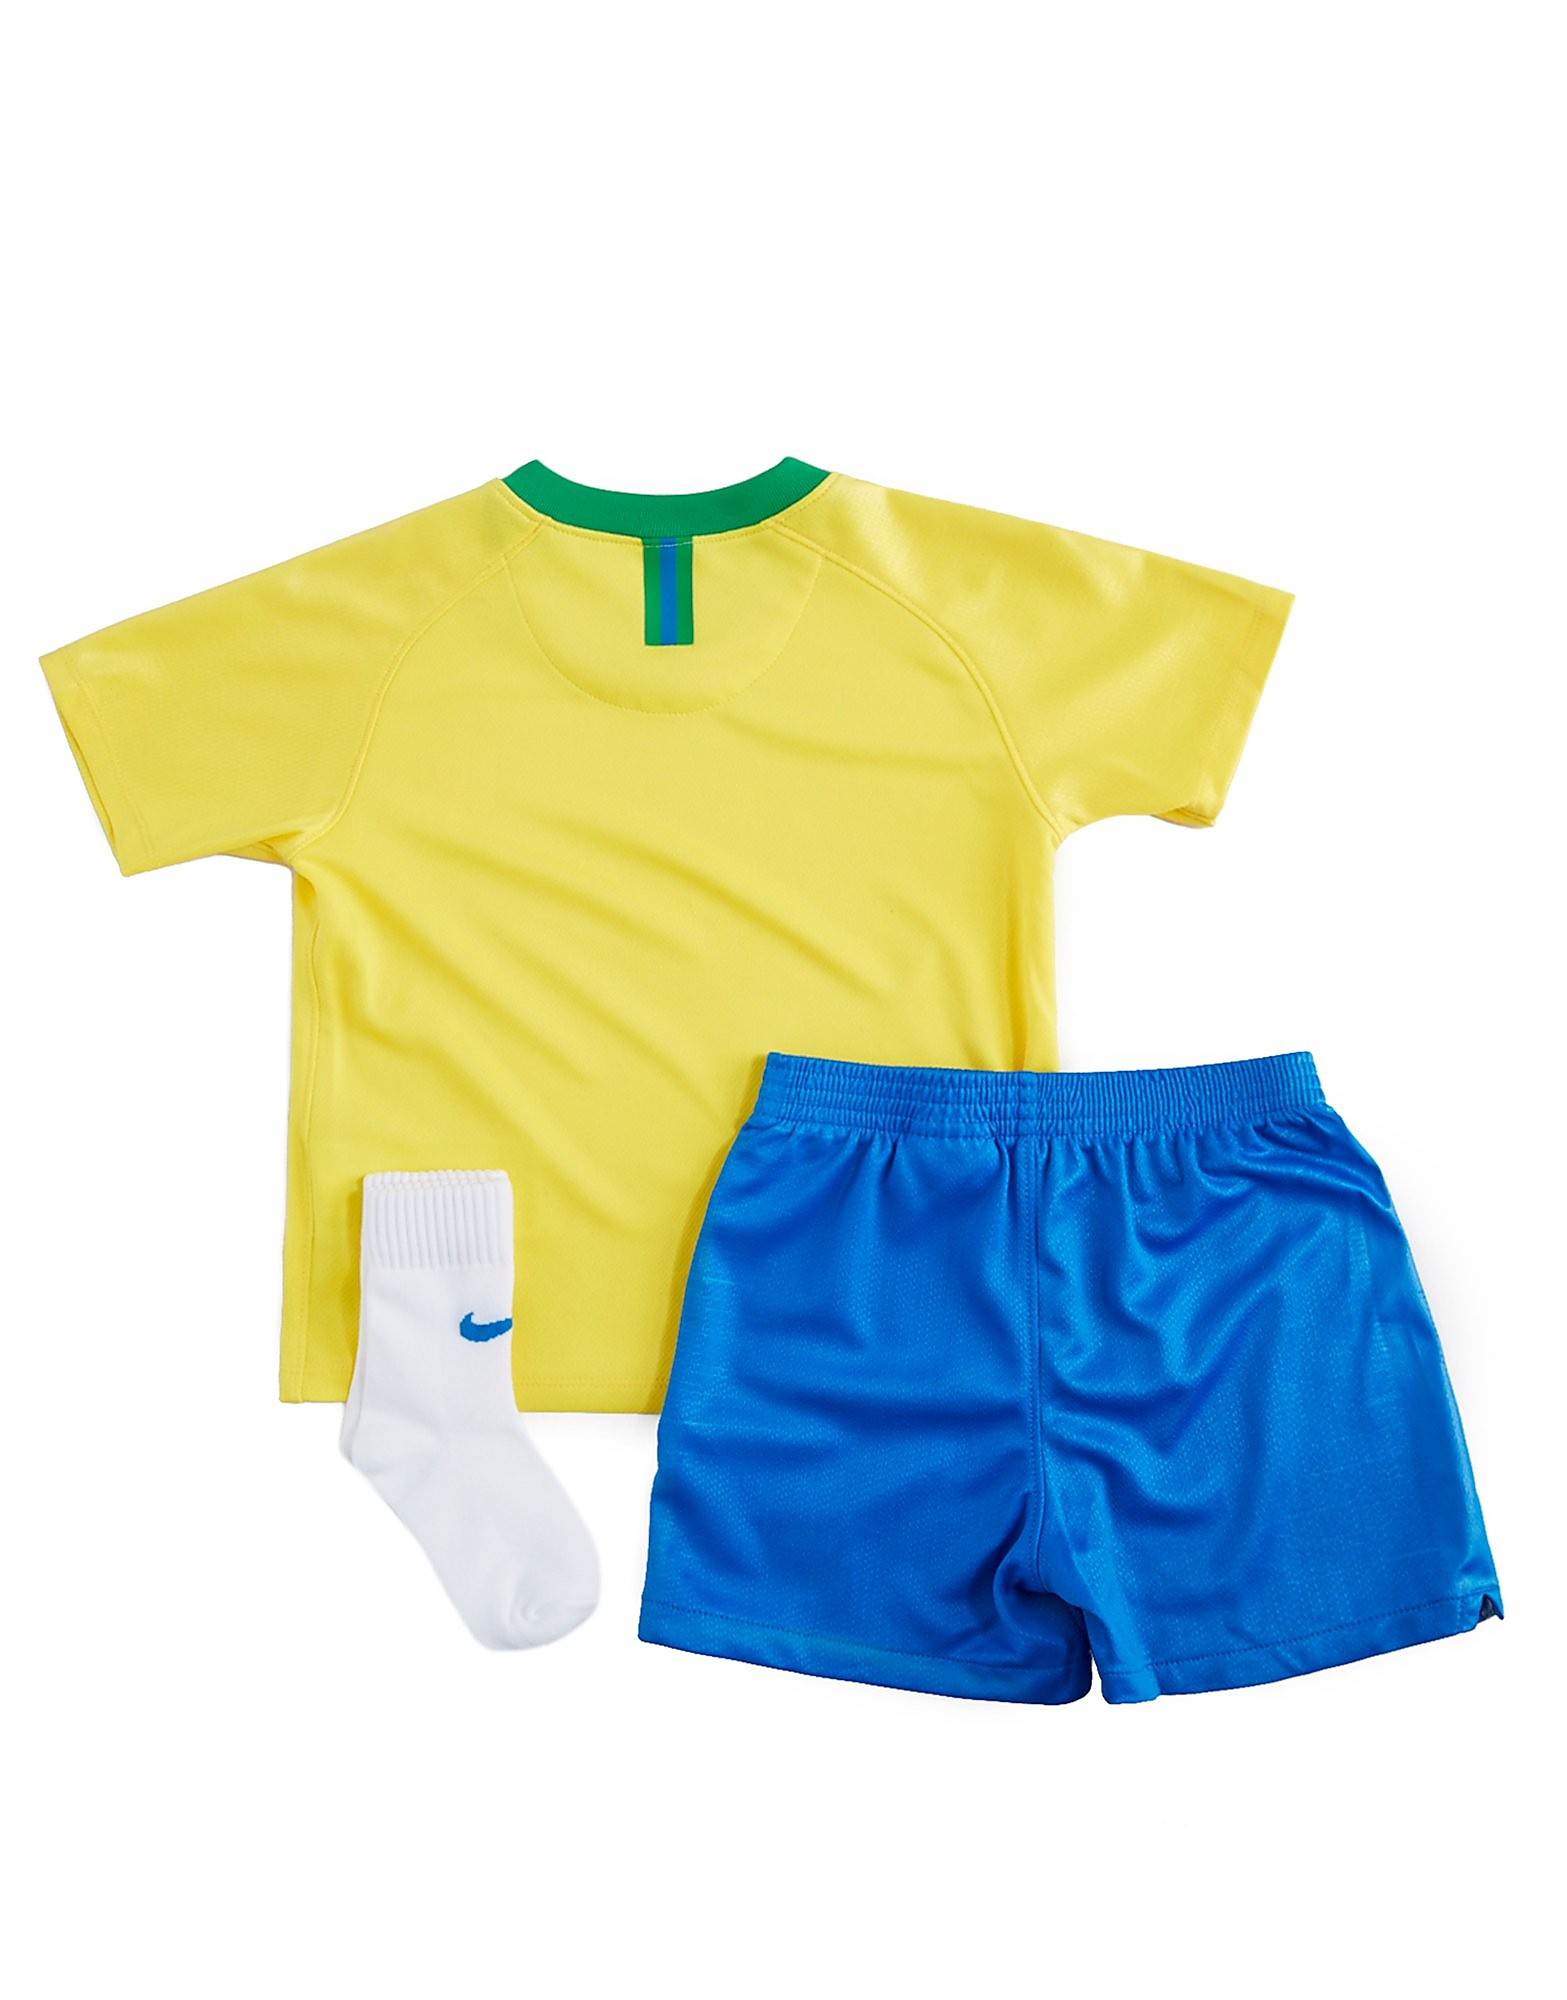 Nike Brazil 2018 Home Kit Infant